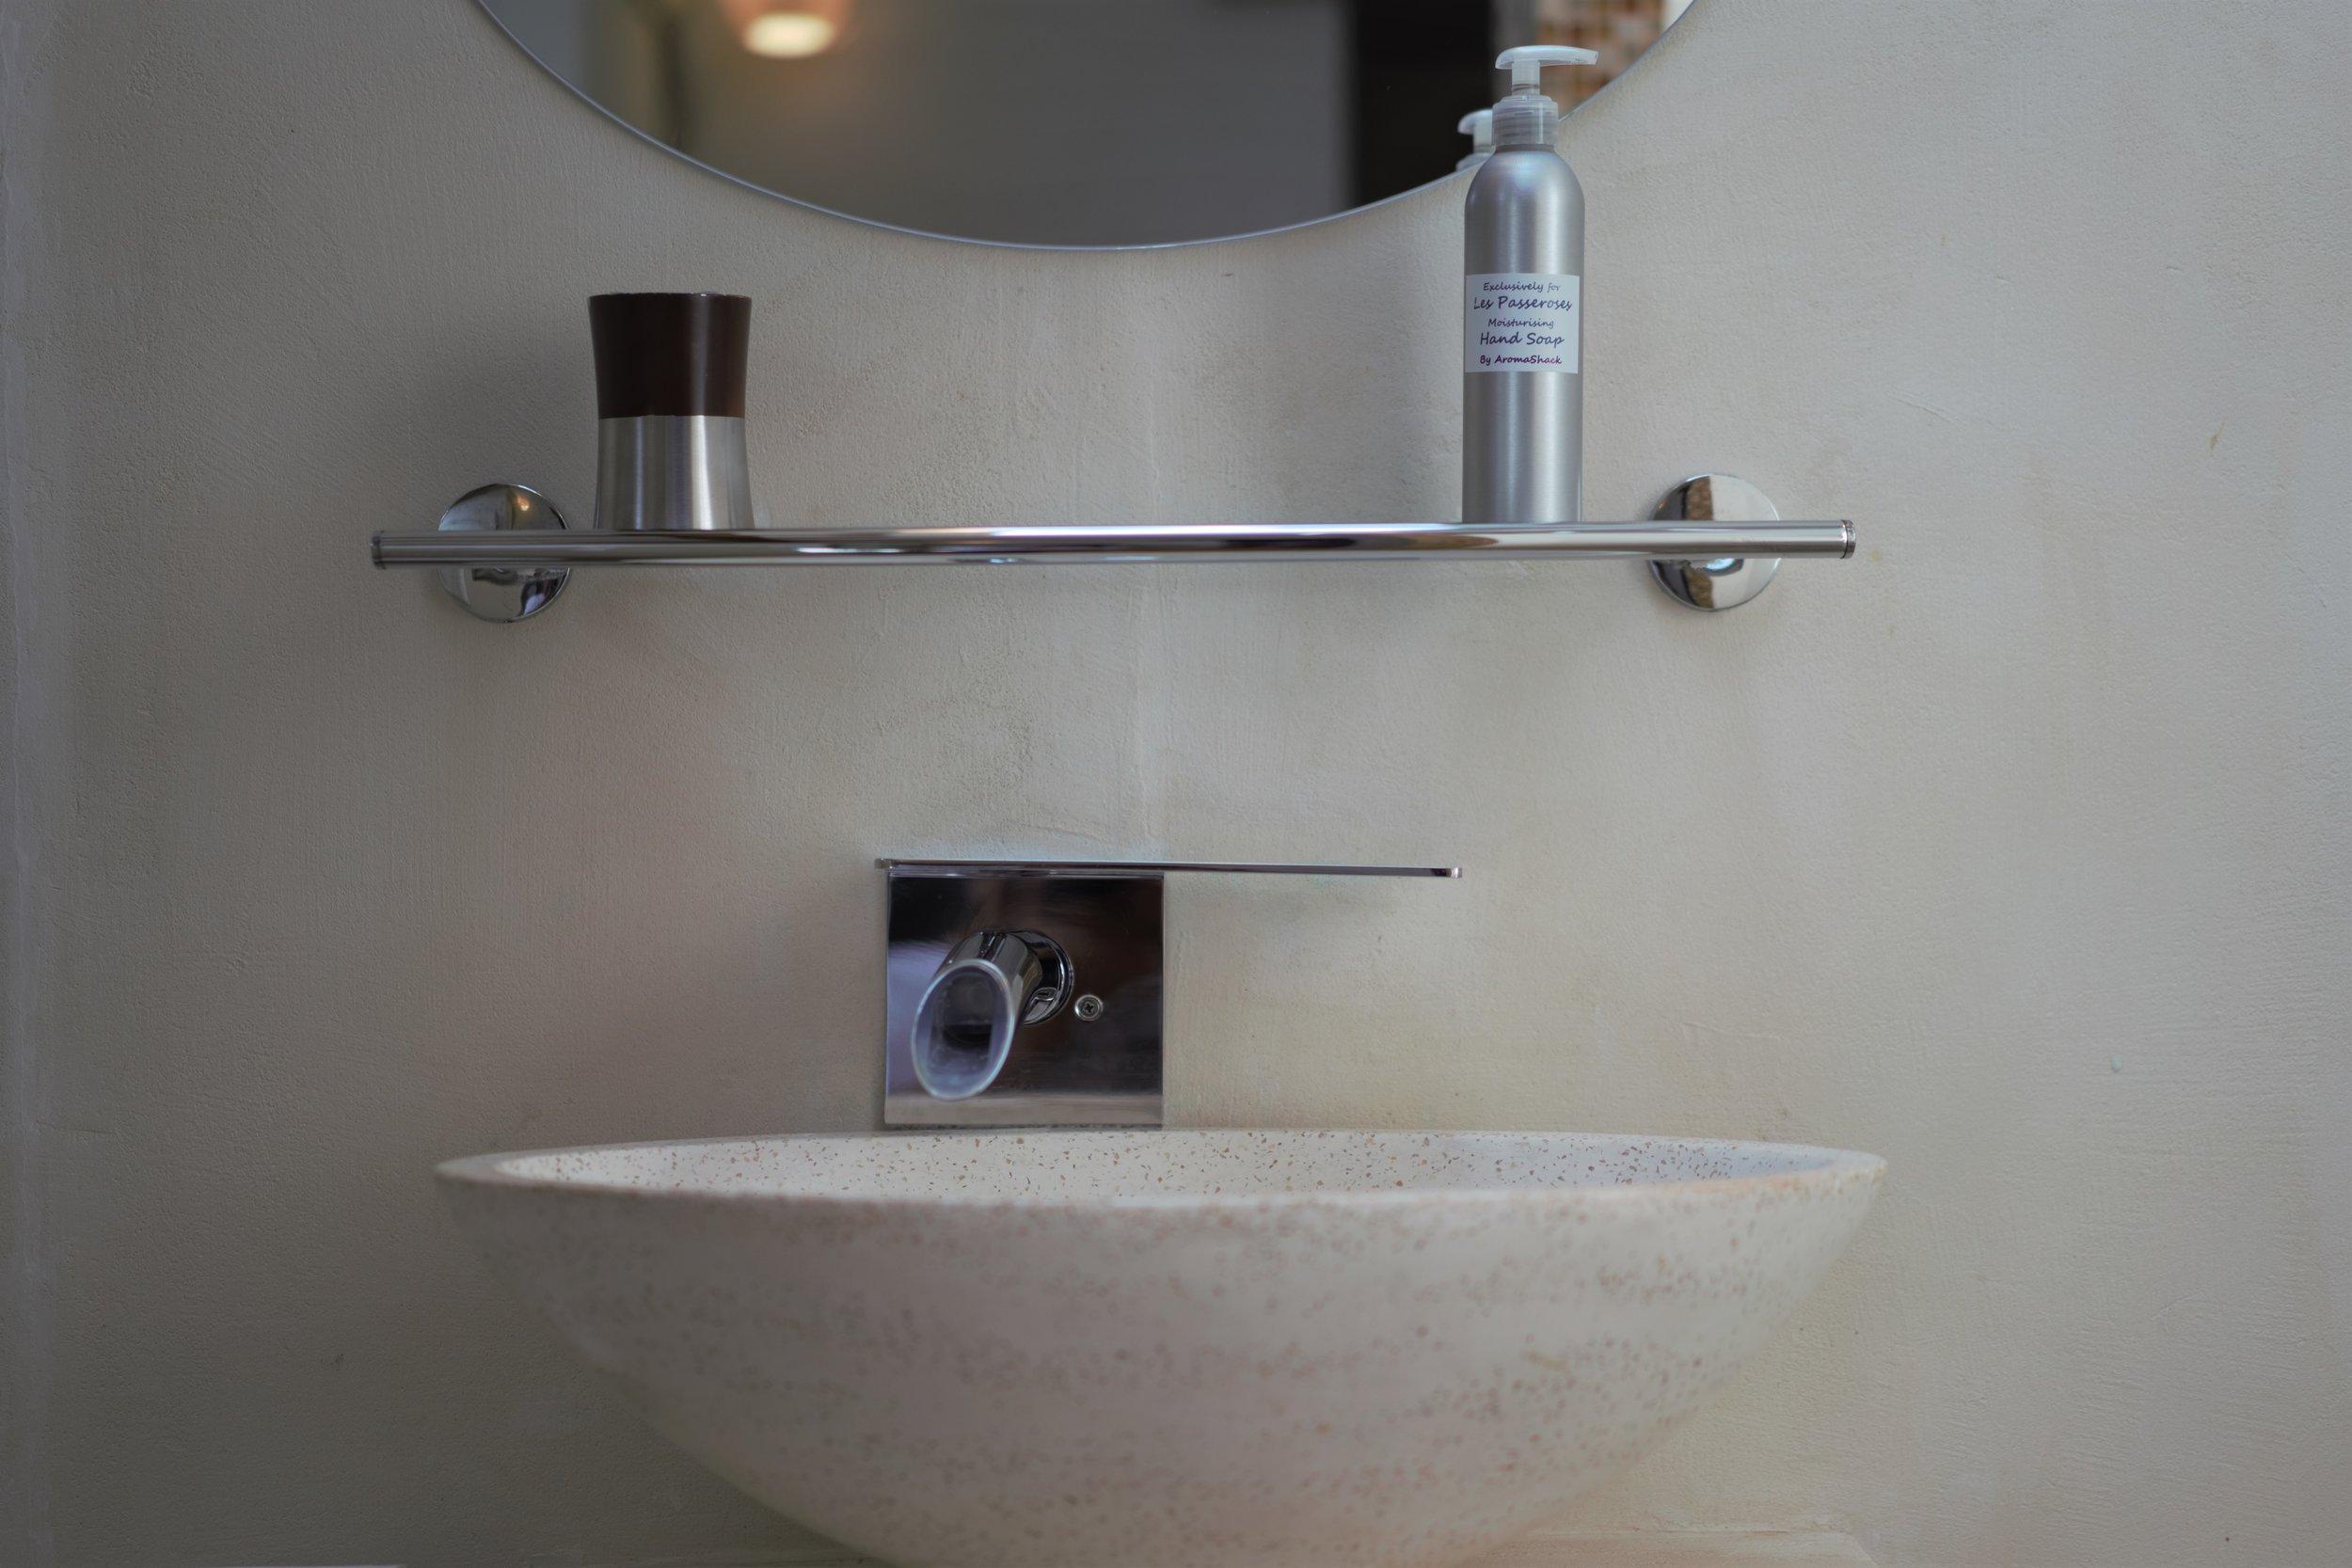 Terrazzo basin and wall tap